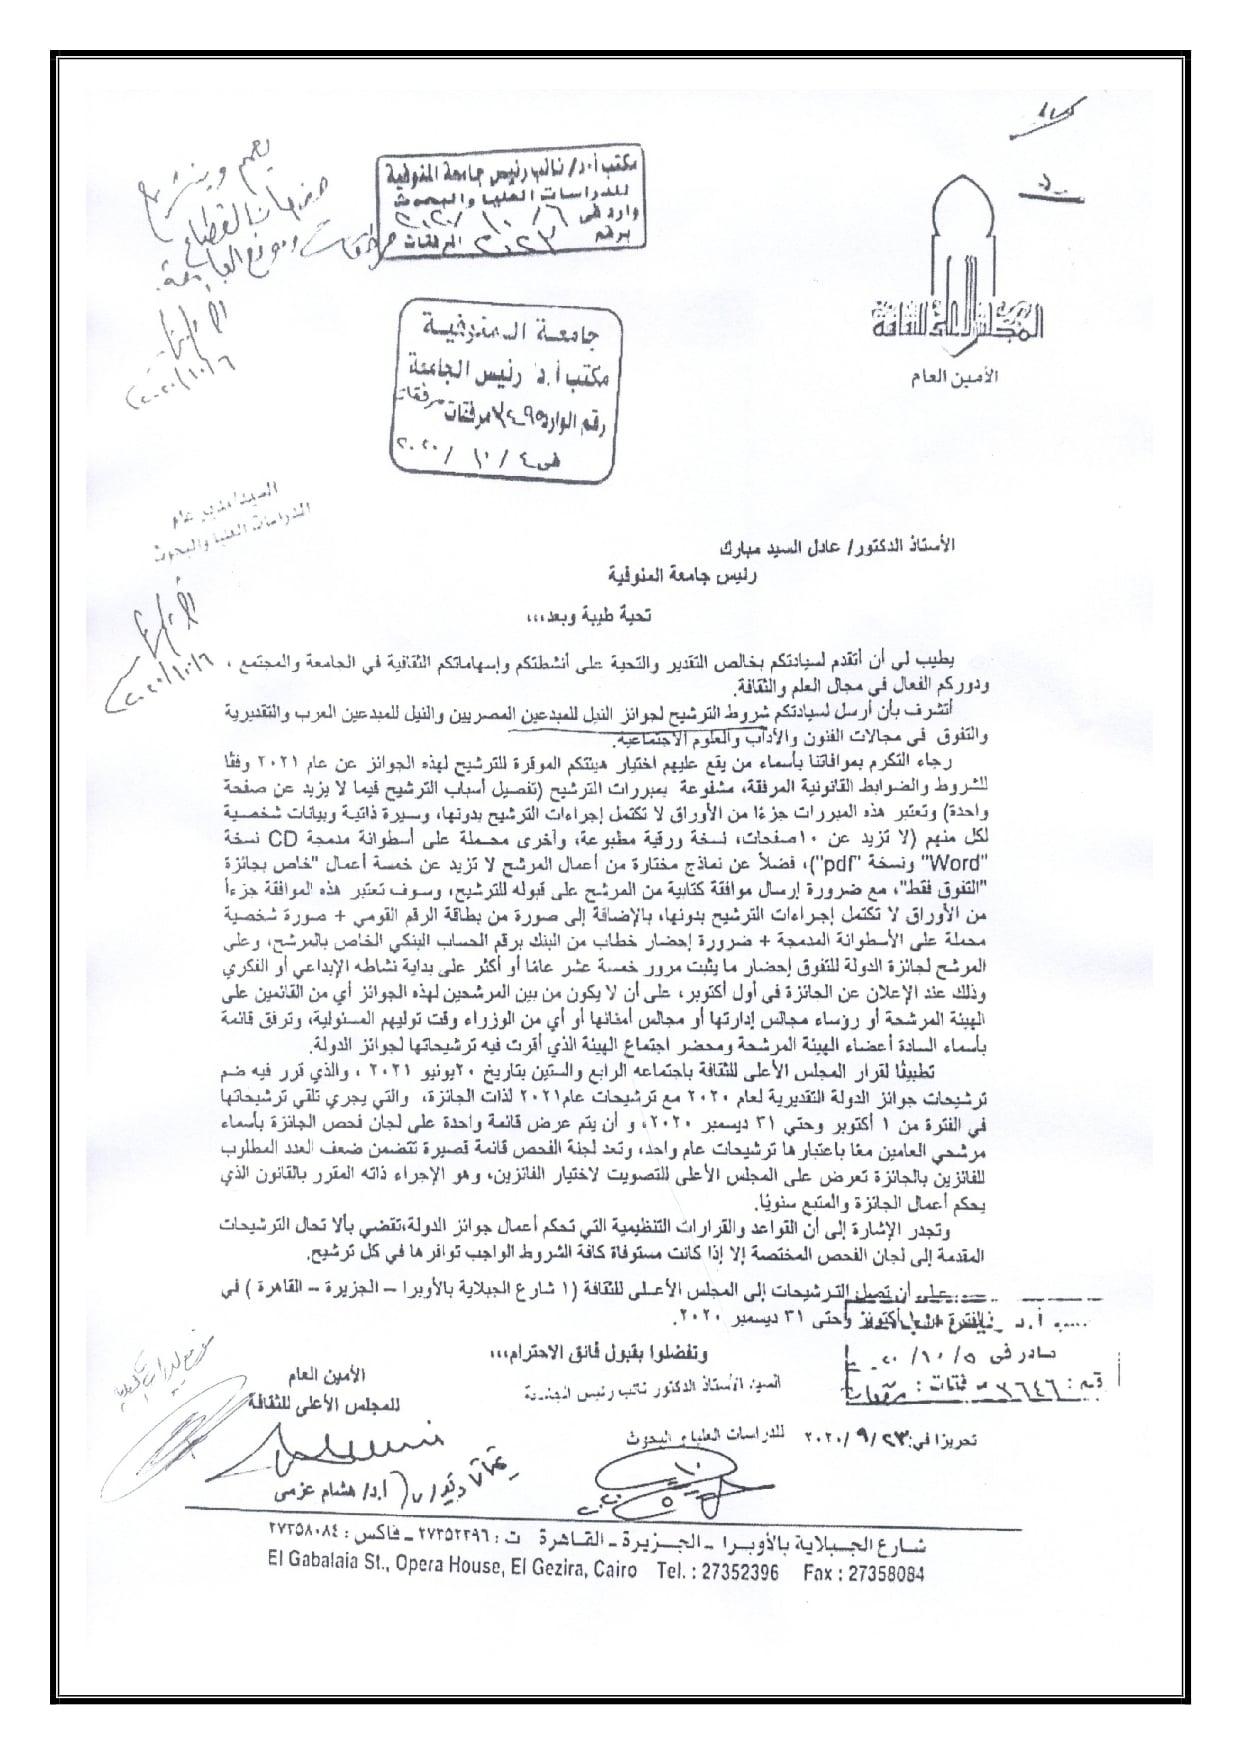 شروط الترشح لجوائز النيل للمبدعين المصريين